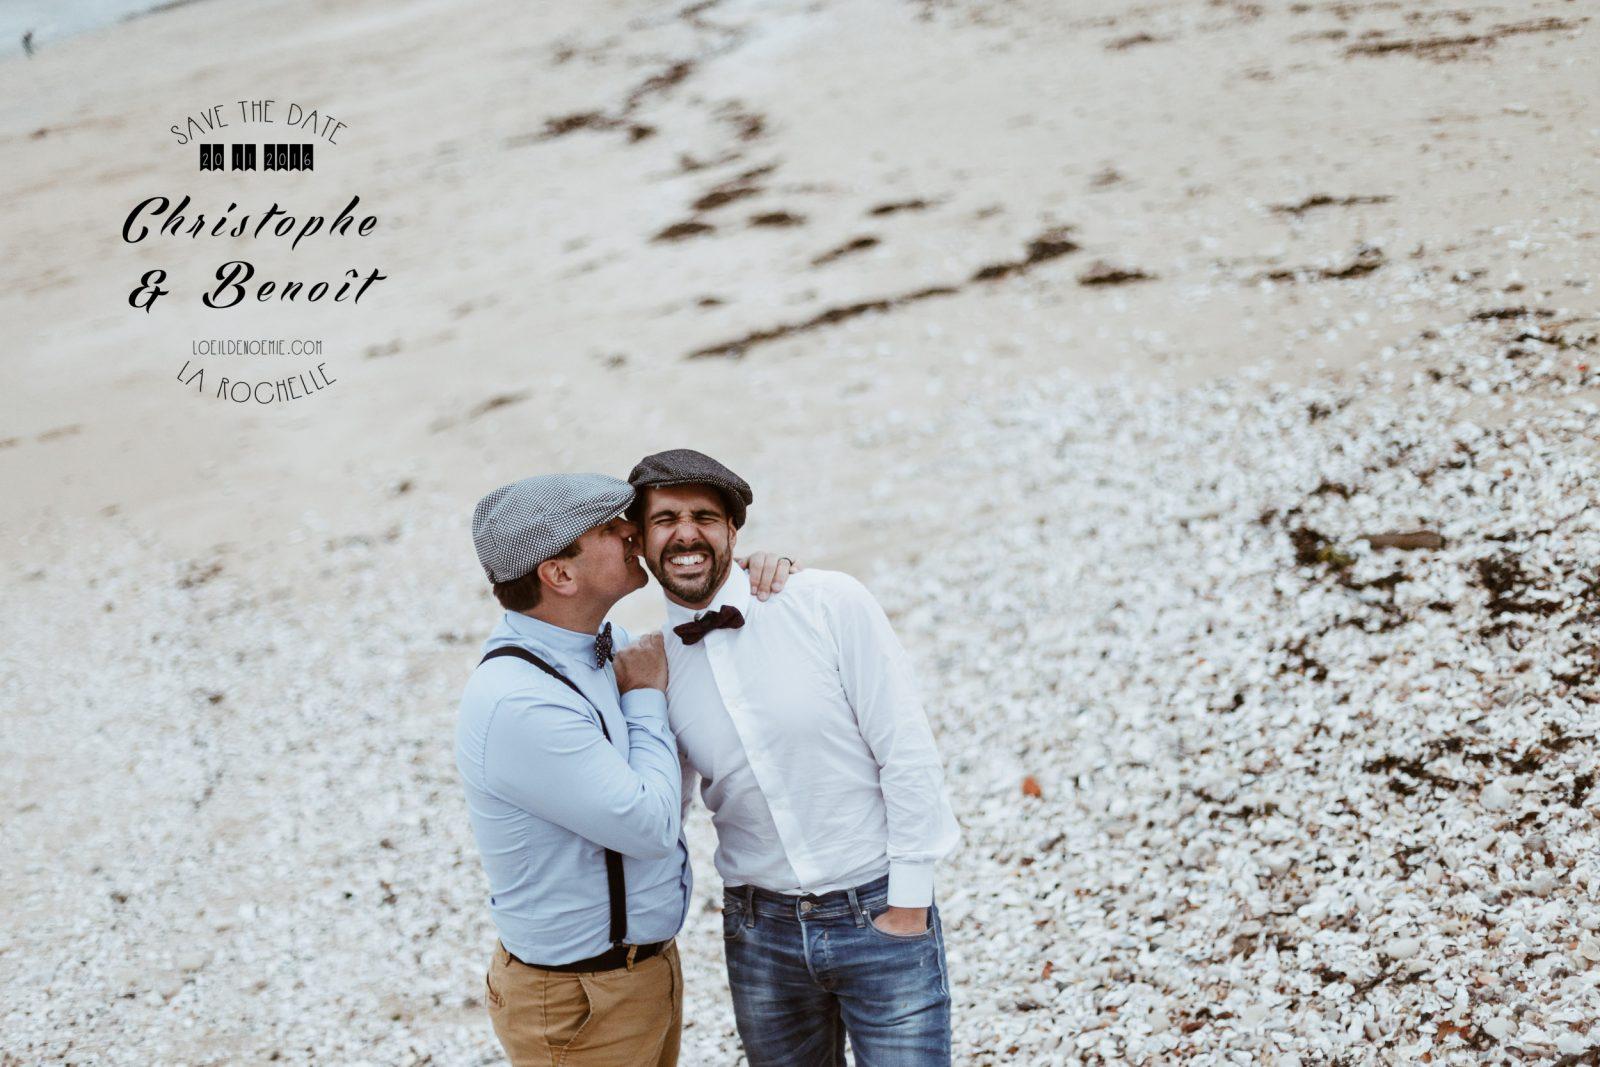 L'amour n'a pas de sexe, couple homosexuel, true love, L'oeil de Noémie photographe mariage Bordeaux et La Rochelle, et partout en Europe